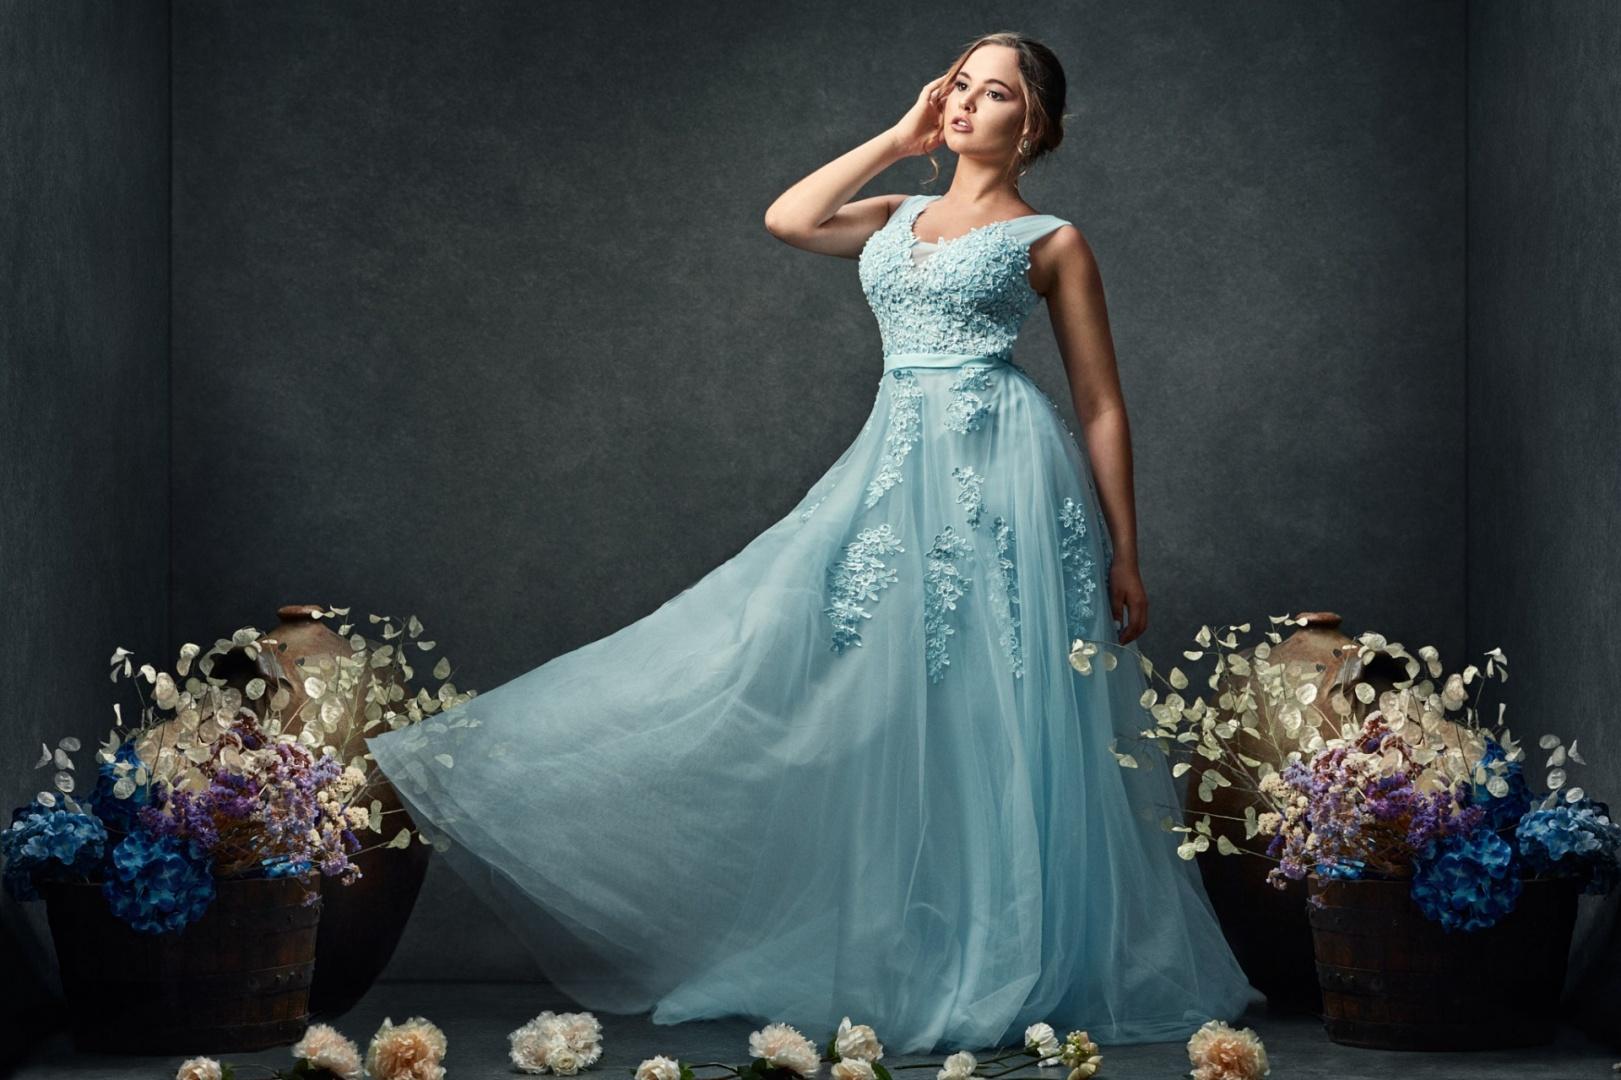 Retratos/My blue Dress